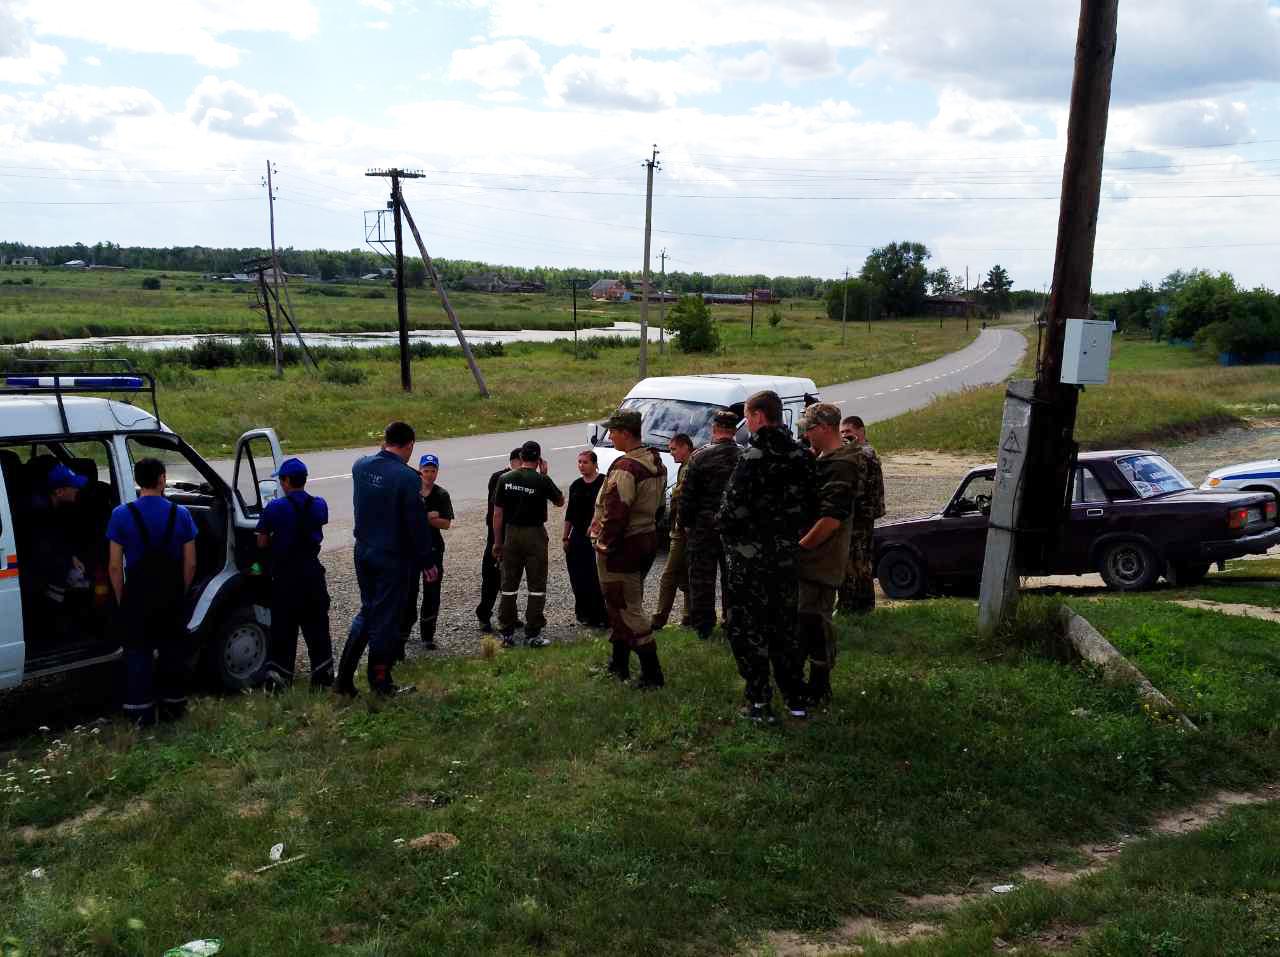 Женщина потерялась еще 6 августа. Сегодня, разделившись на группы, спасатели приступили к обследо